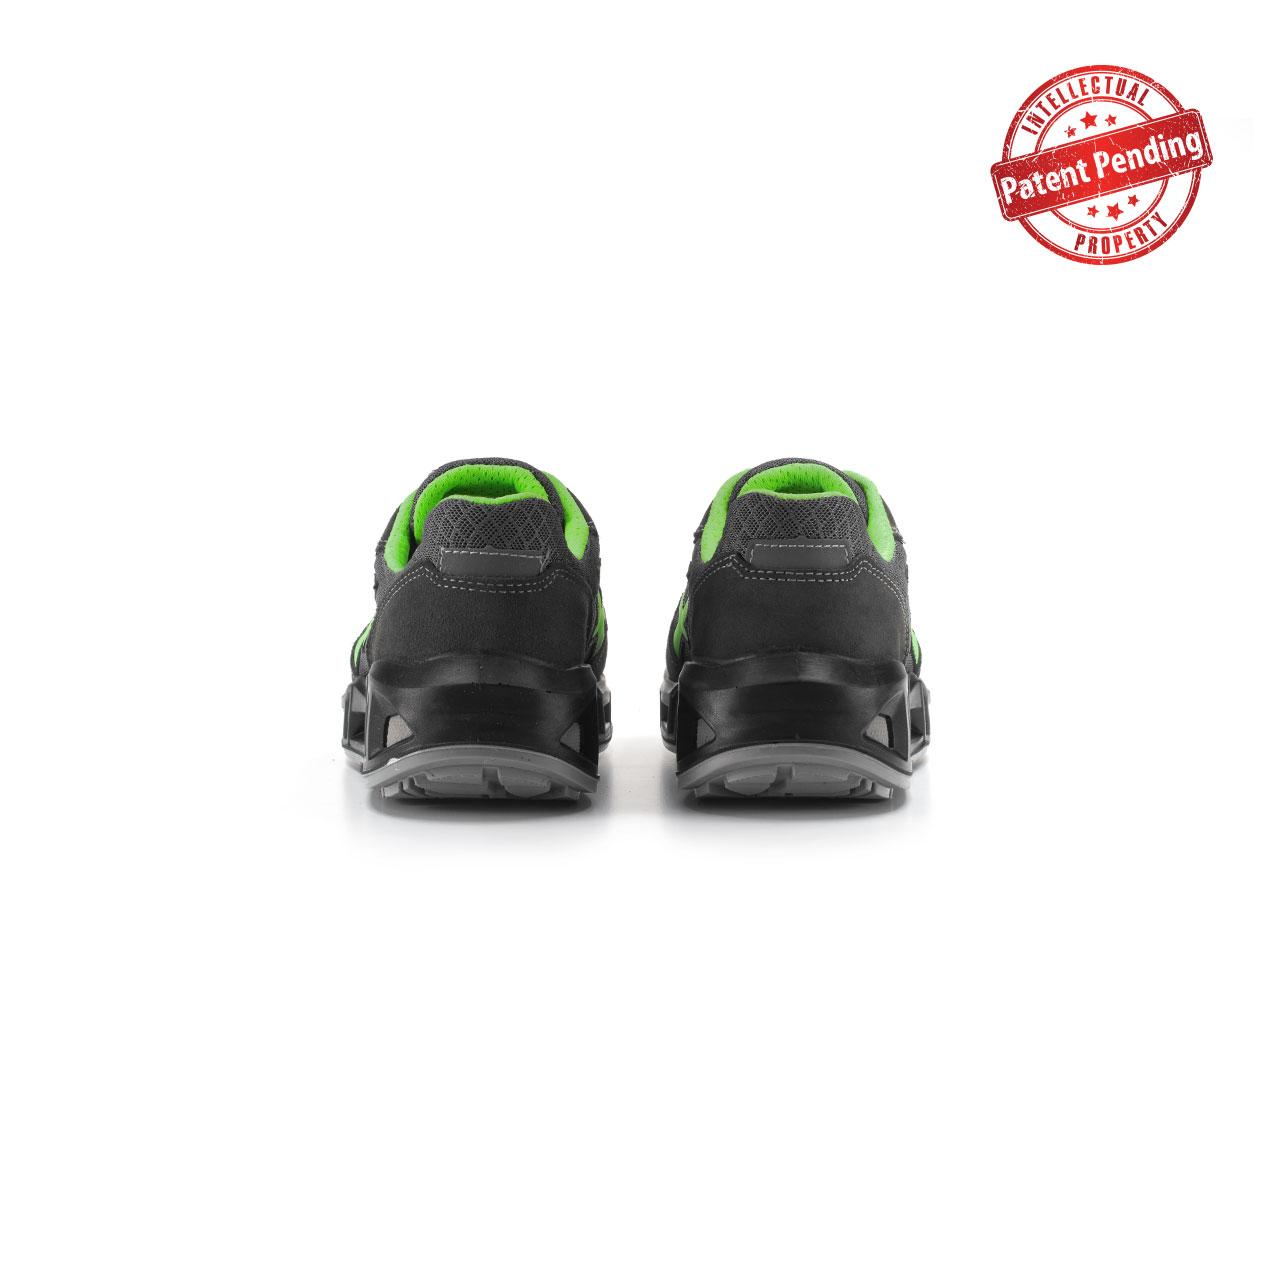 paio di scarpe antinfortunistiche upower modello point carpet linea redcarpet vista retro